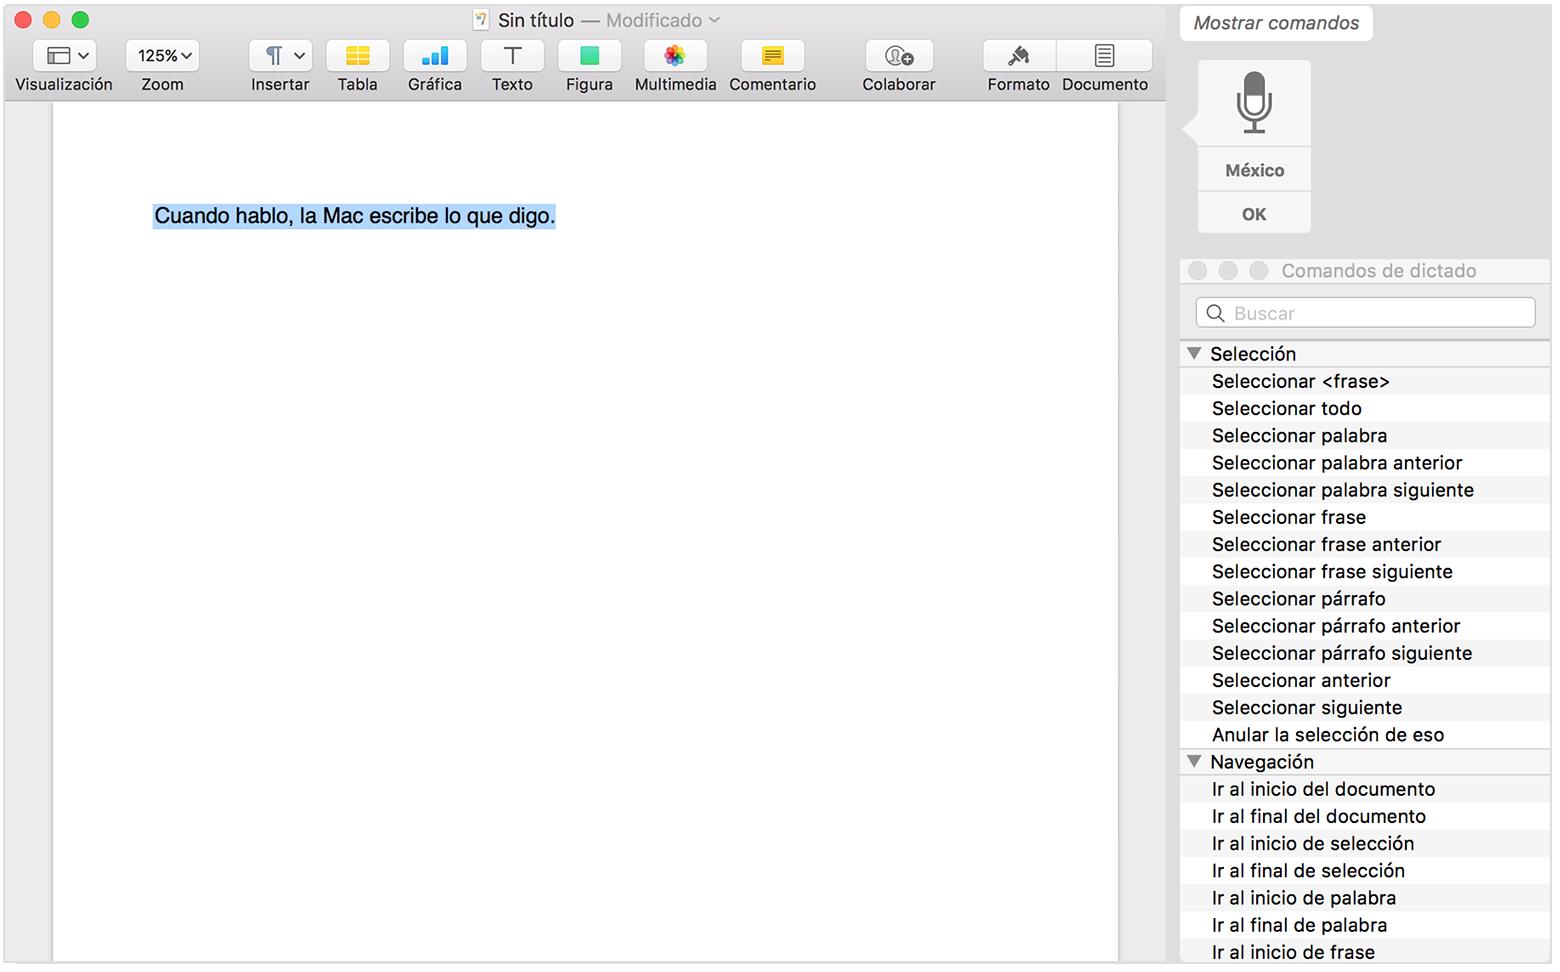 Usar comandos de dictado para darle instrucciones a tu Mac - Soporte ...